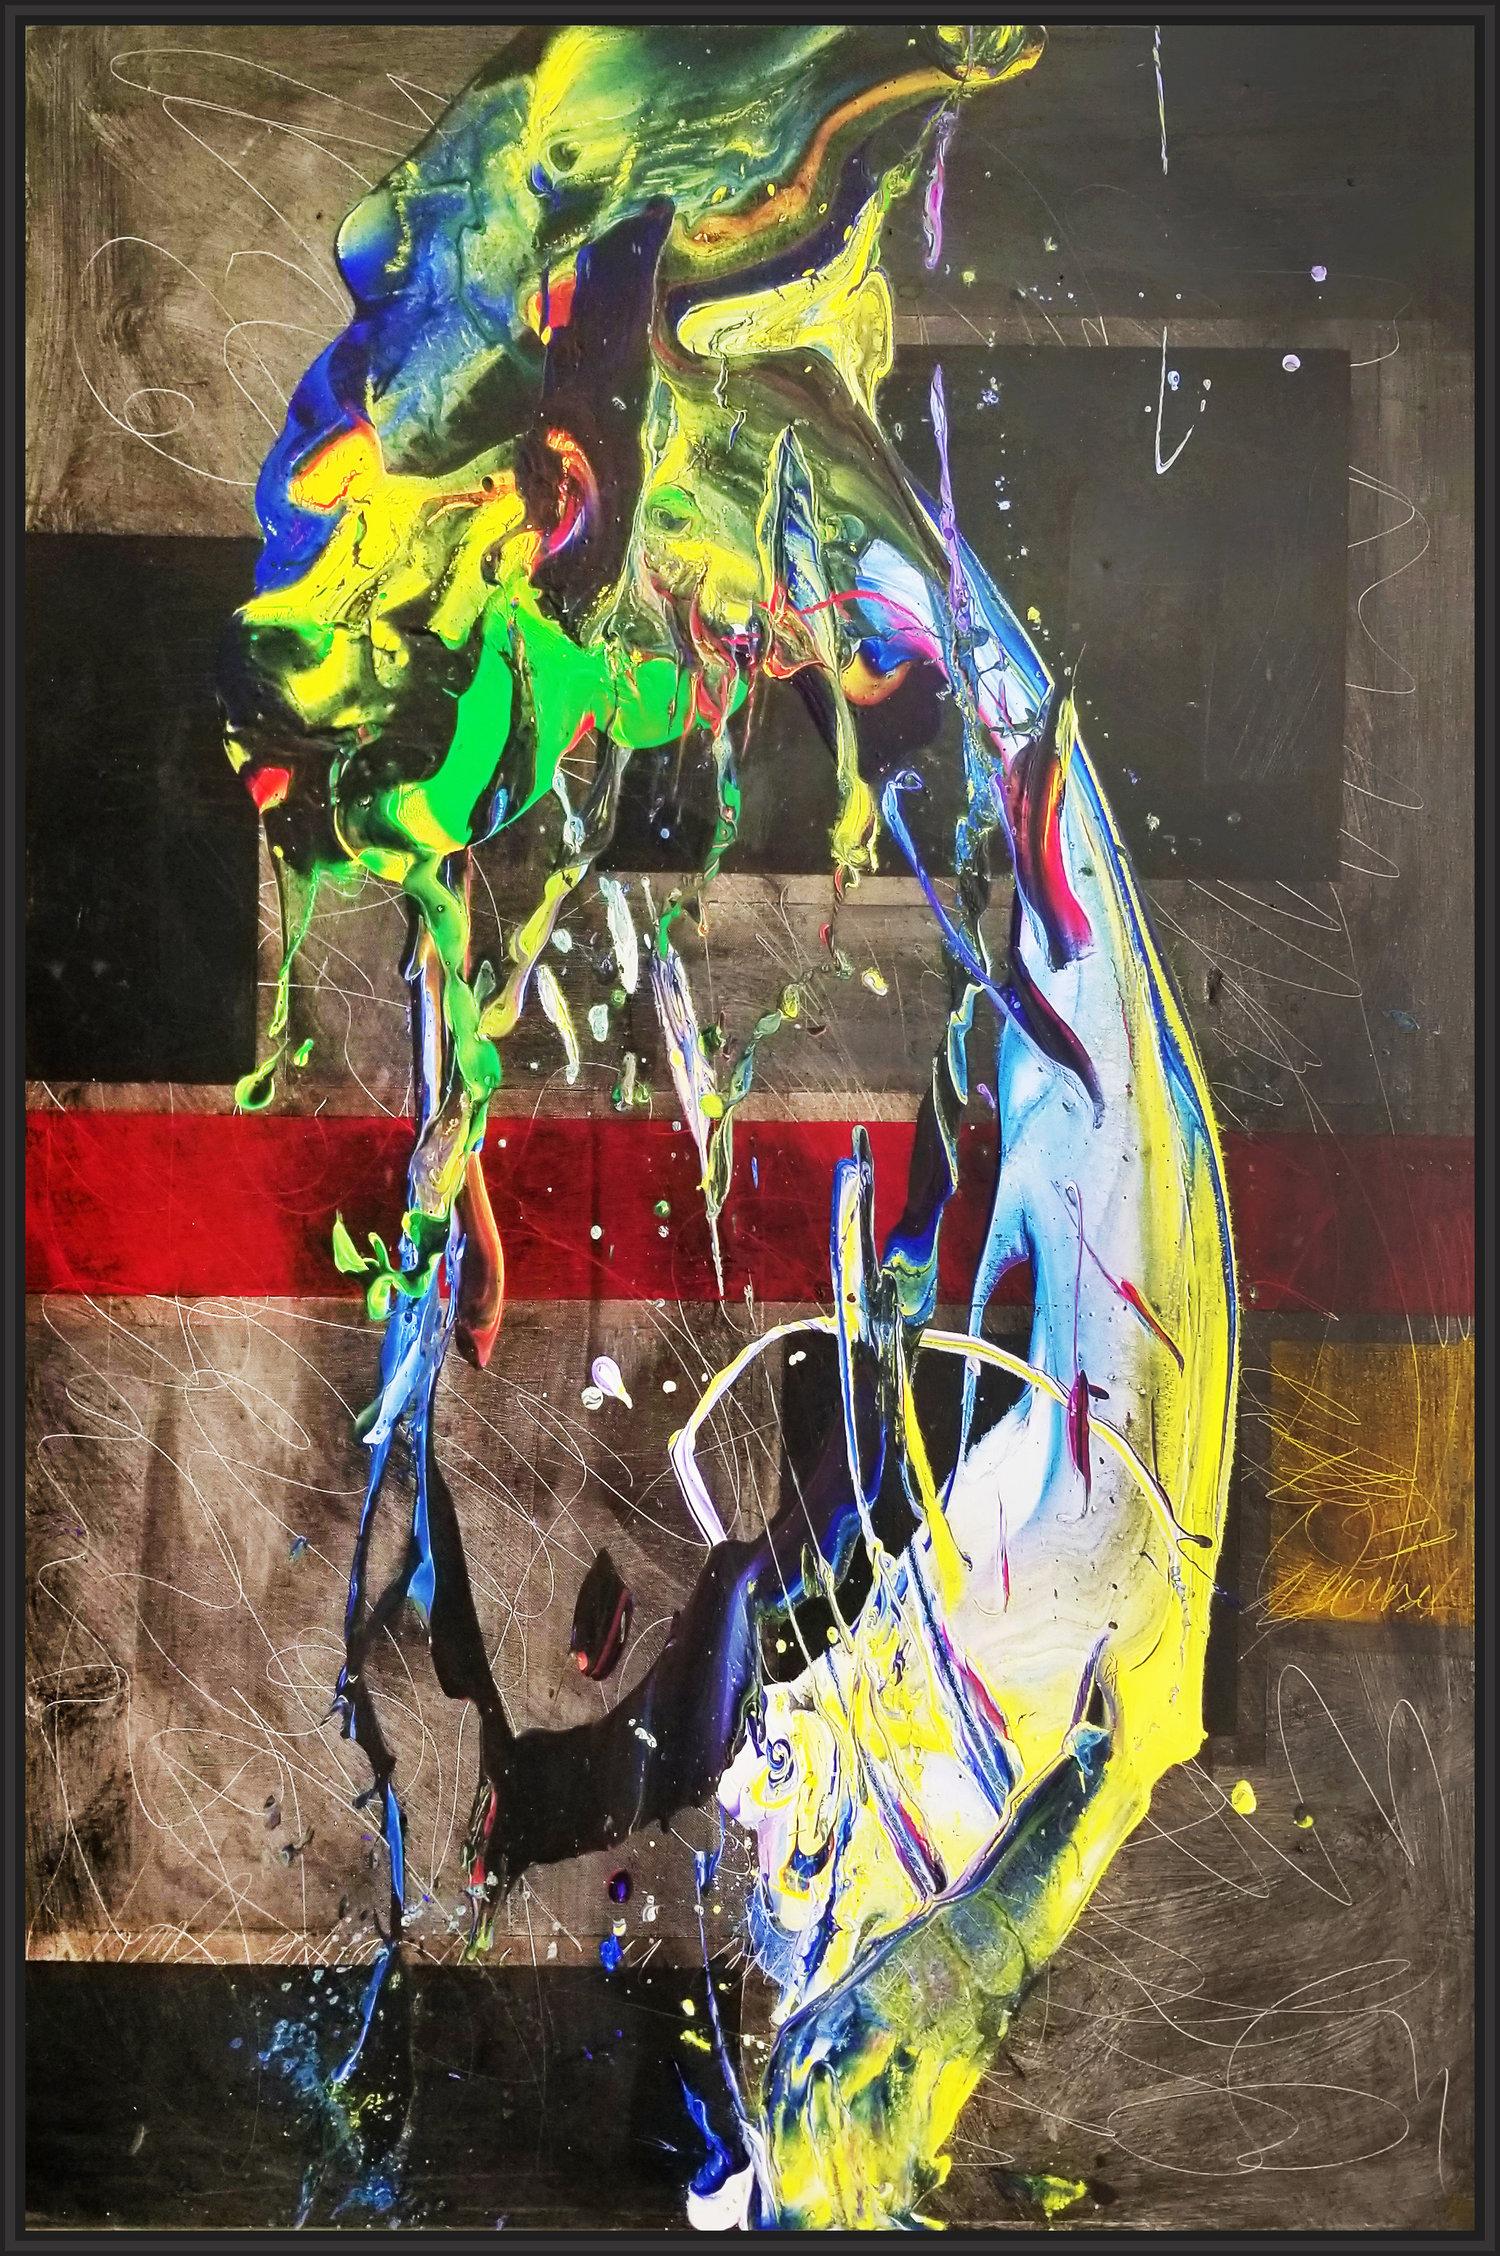 """SP² #105, 2017, acrylic on canvas, 54"""" x 36"""" (137 x 91.4 cm)"""